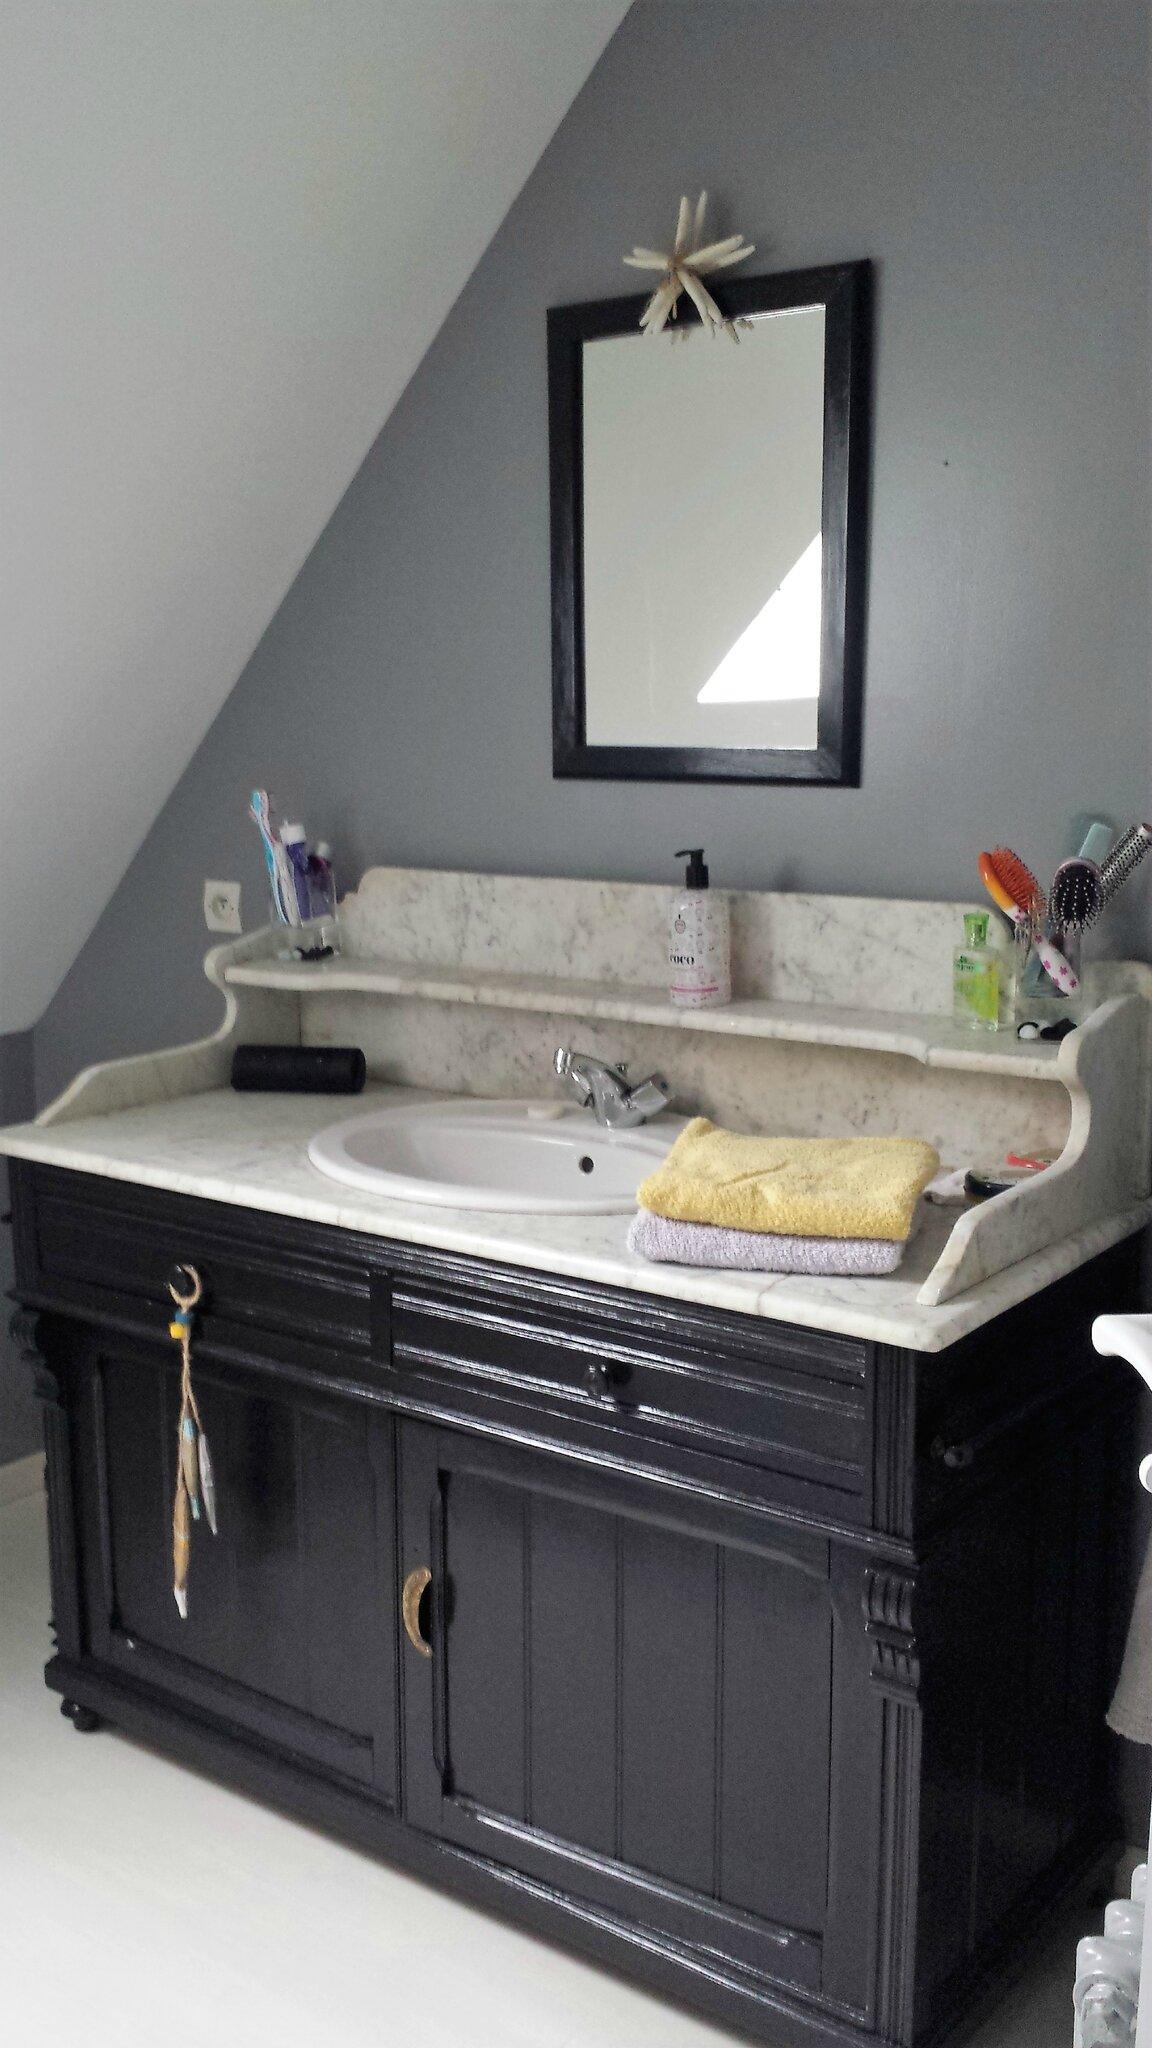 Relookage de la salle de bains - suite et fin ?